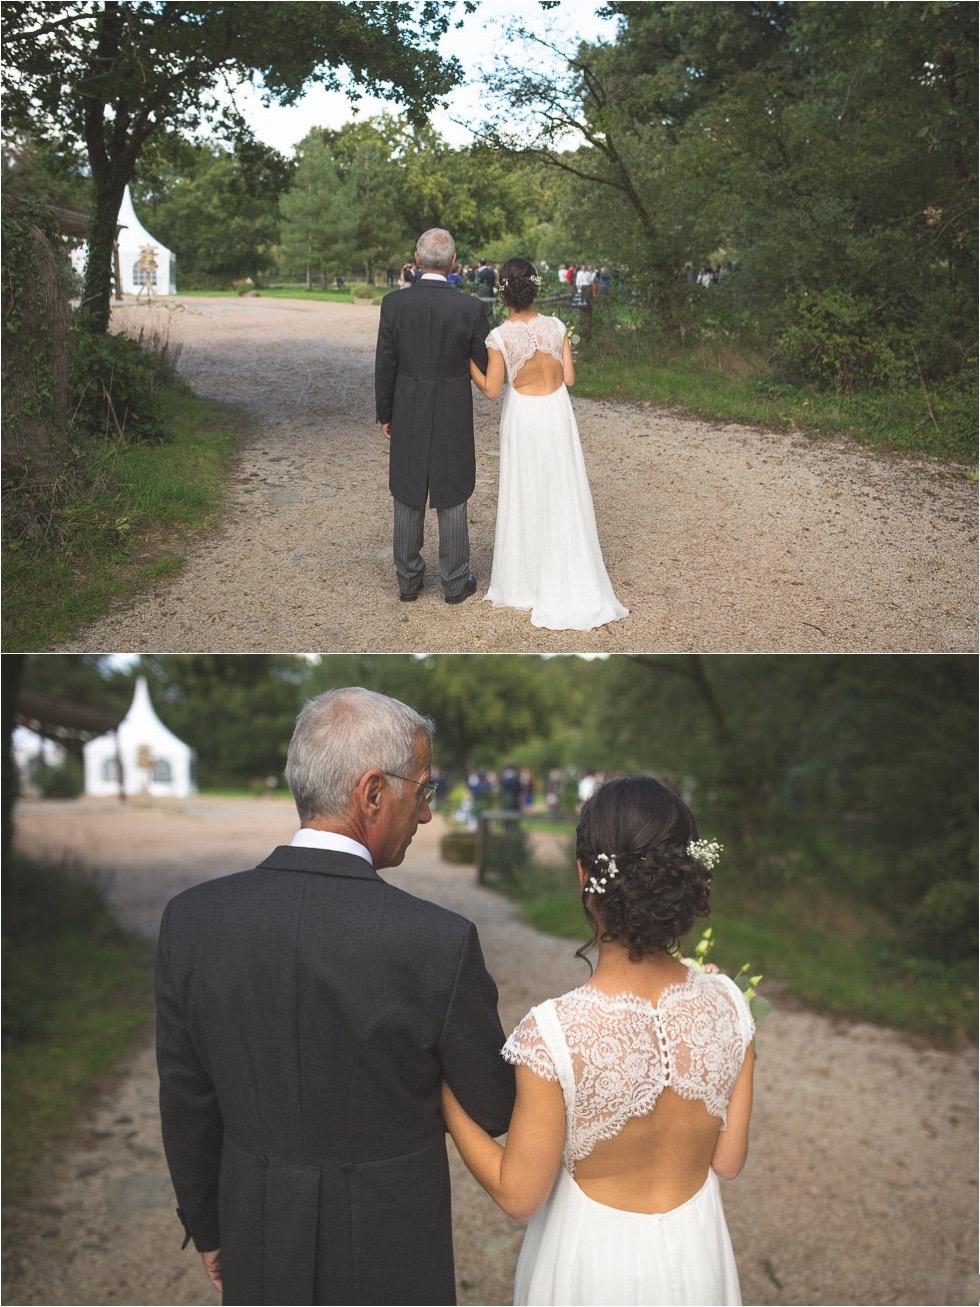 LUCIE-VINCENT-MARIAGE-LA-BAULE-DOMAINE-DU-BOIS-ANDIGNE-319